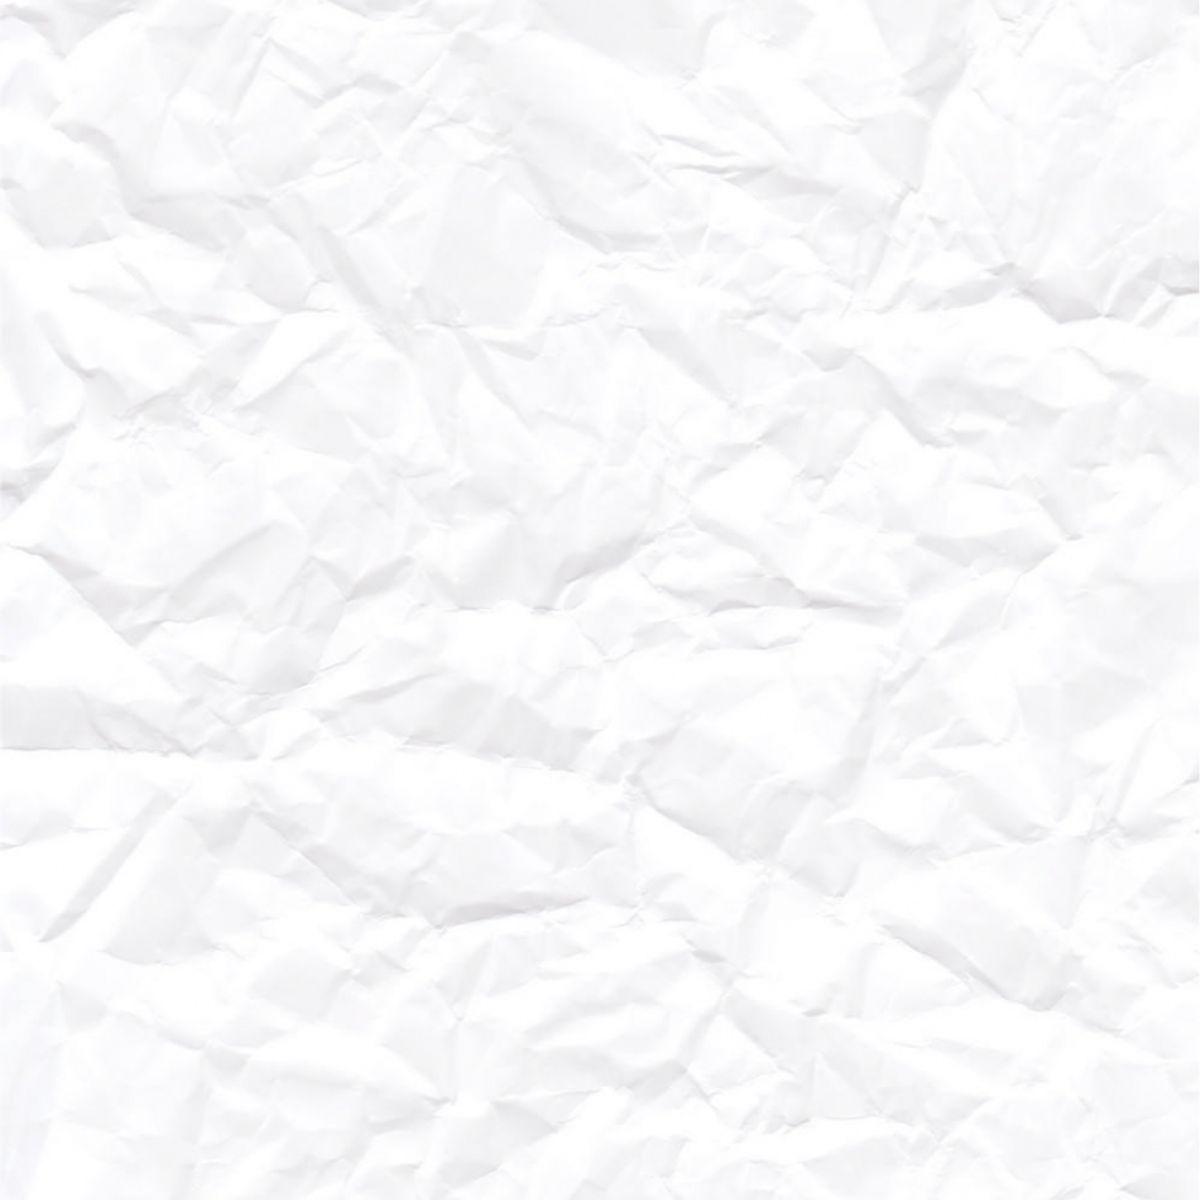 Επιστολόχαρτα - lhs3623